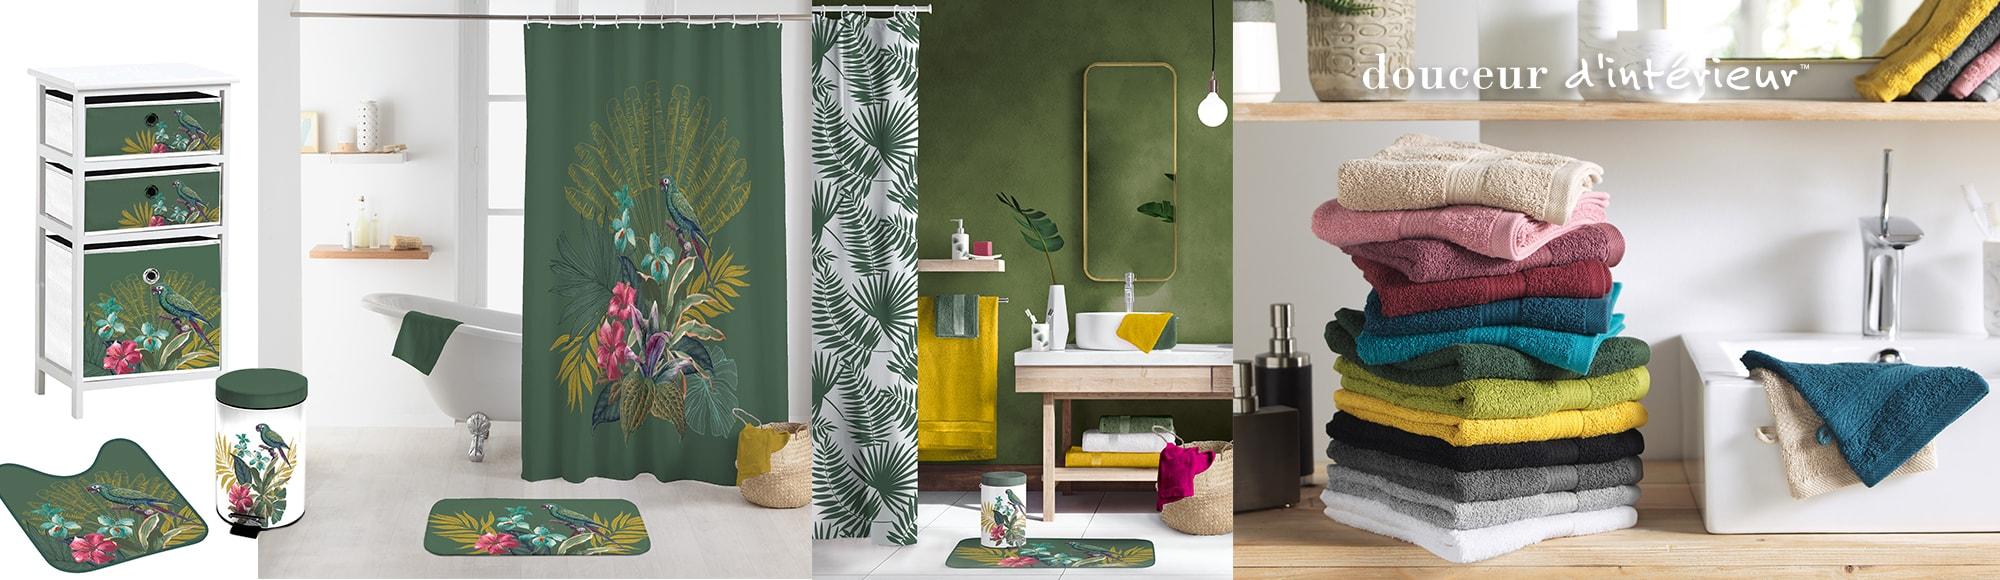 U10 - Fournisseur en décoration d'intérieur - marque douceur d'intérieur - salle de bain - theme equatorial jungly